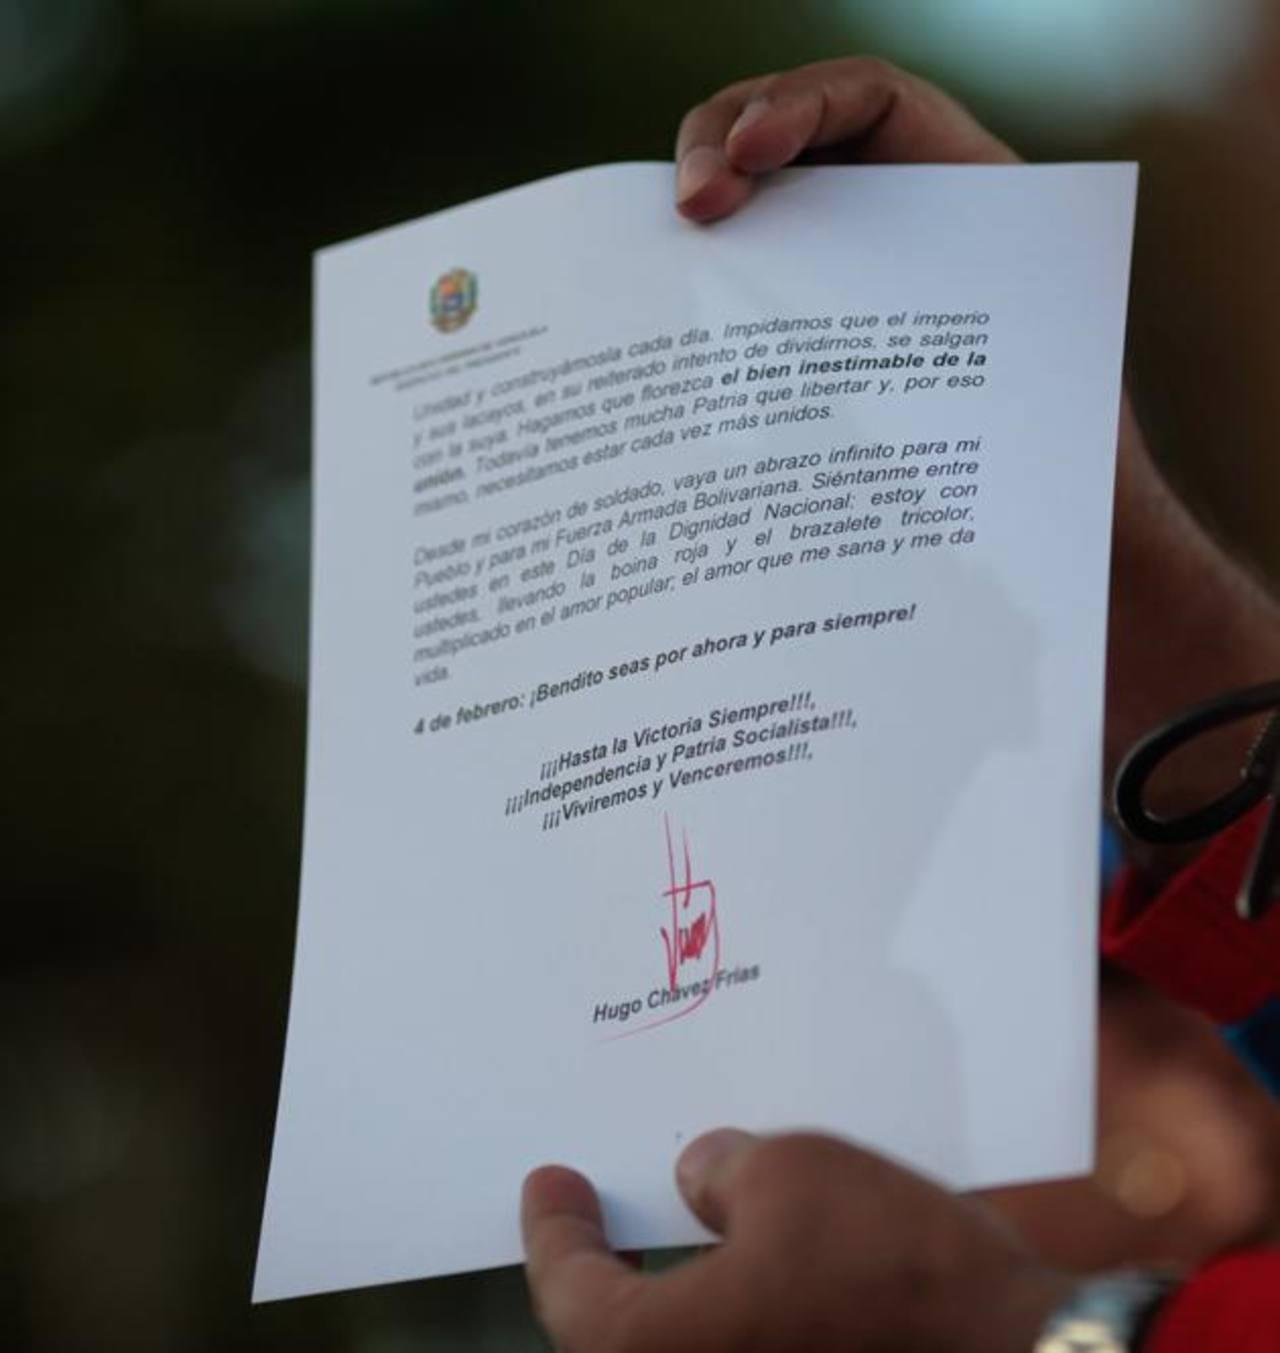 Imagen de la carta que habría leído Nicolás Maduro.